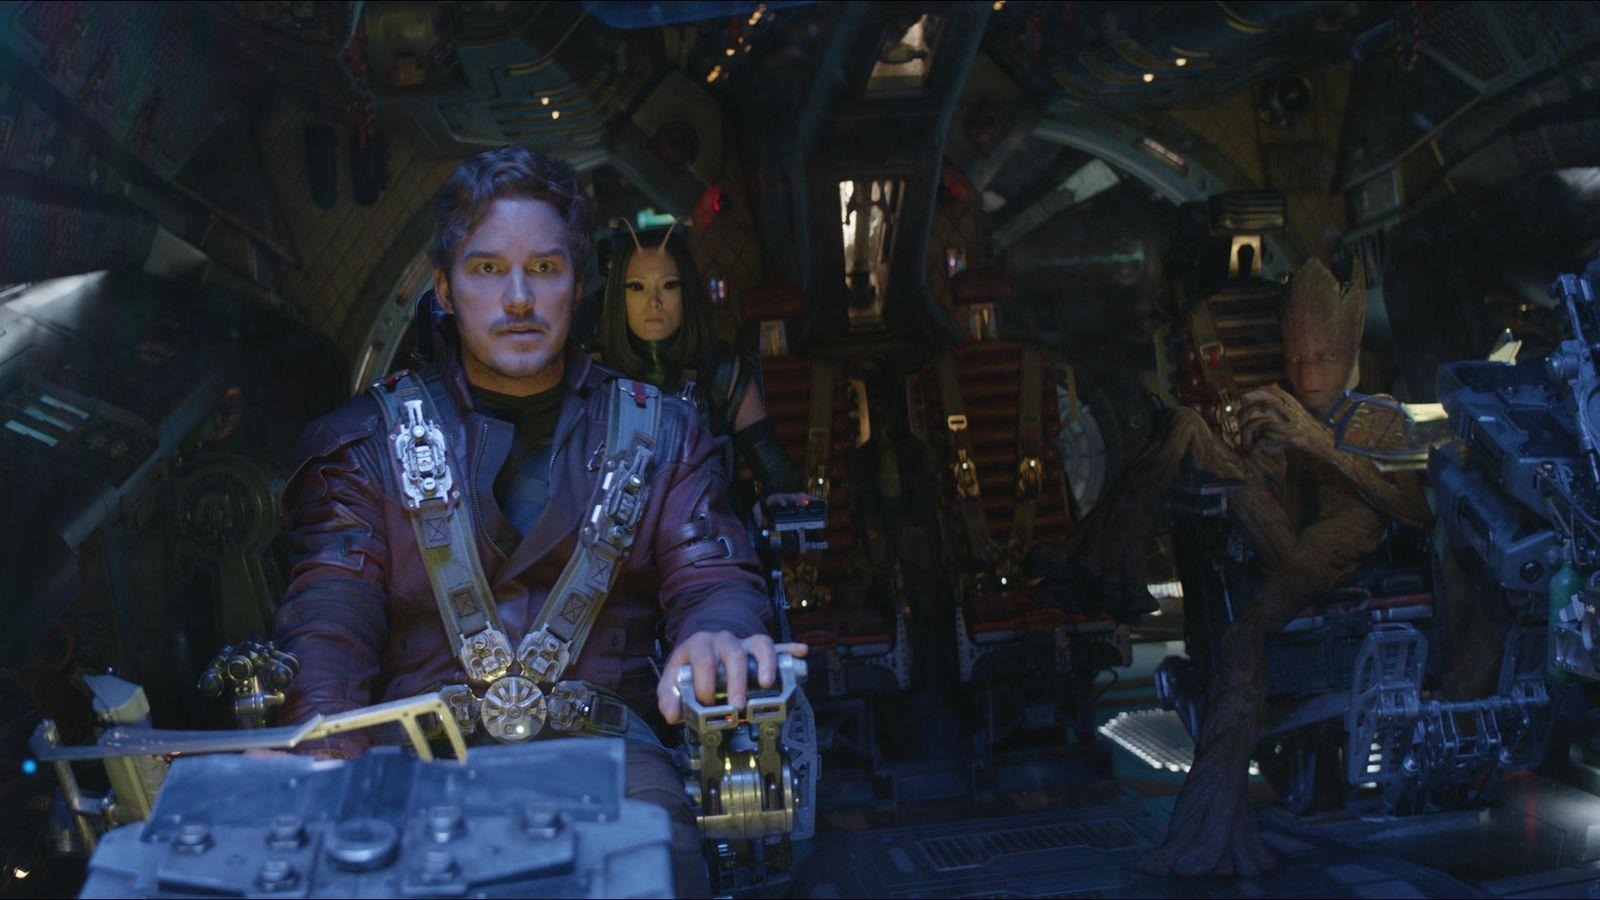 Avengers: Infinity War, Atriebēji: Bezgalības karš